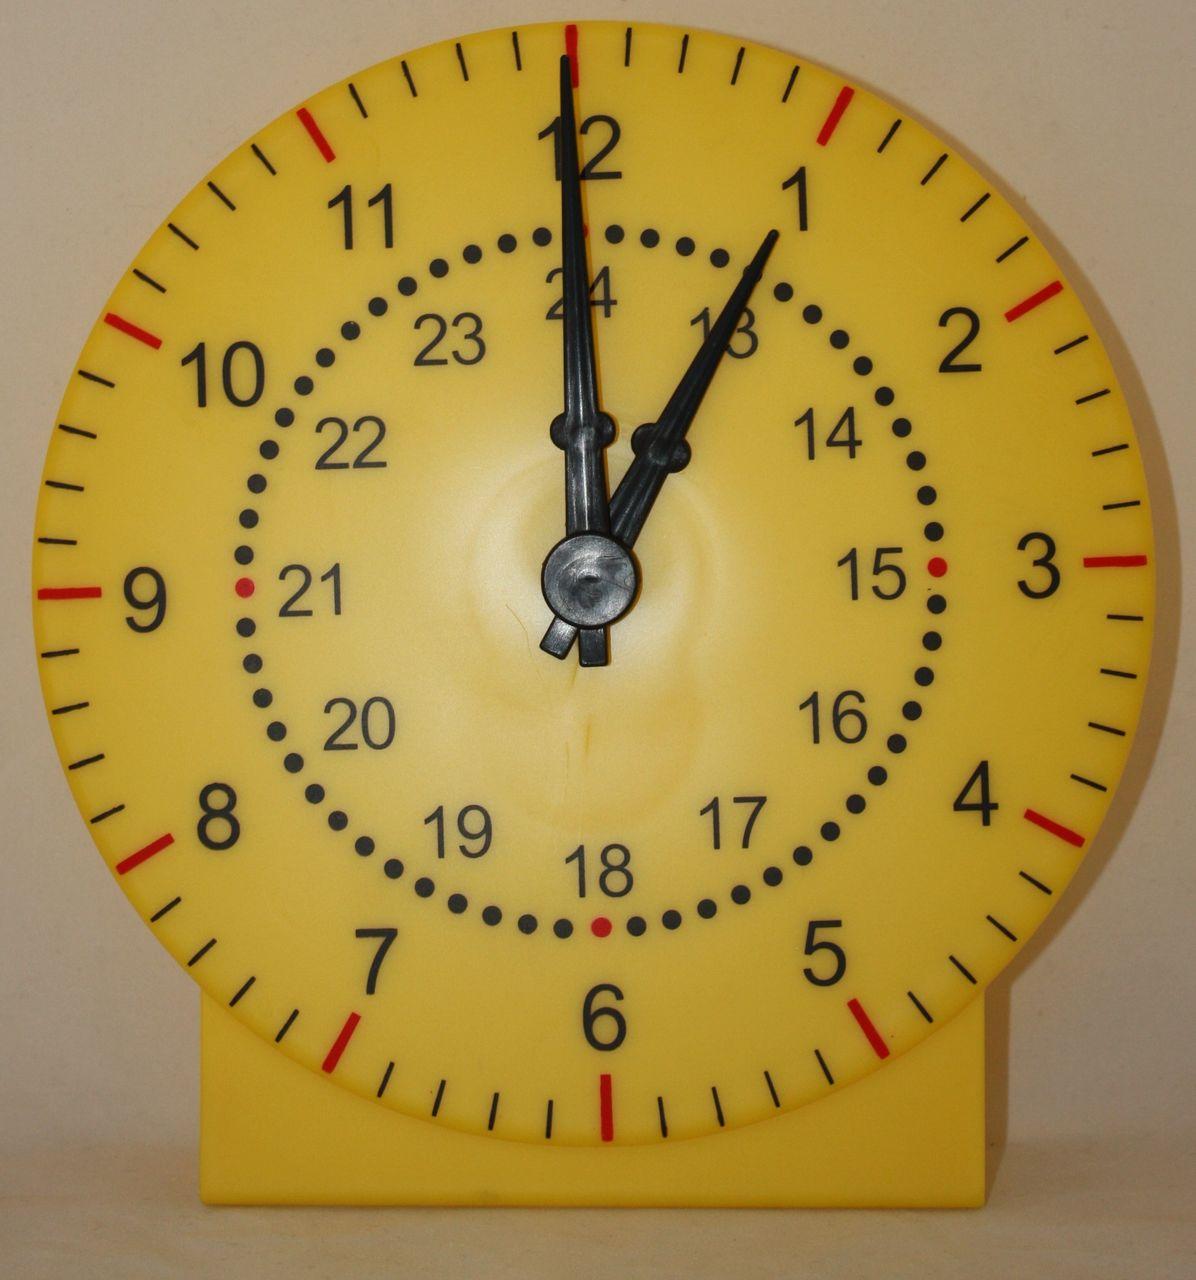 Модель циферблата часов для детей из бумаги своими руками 79